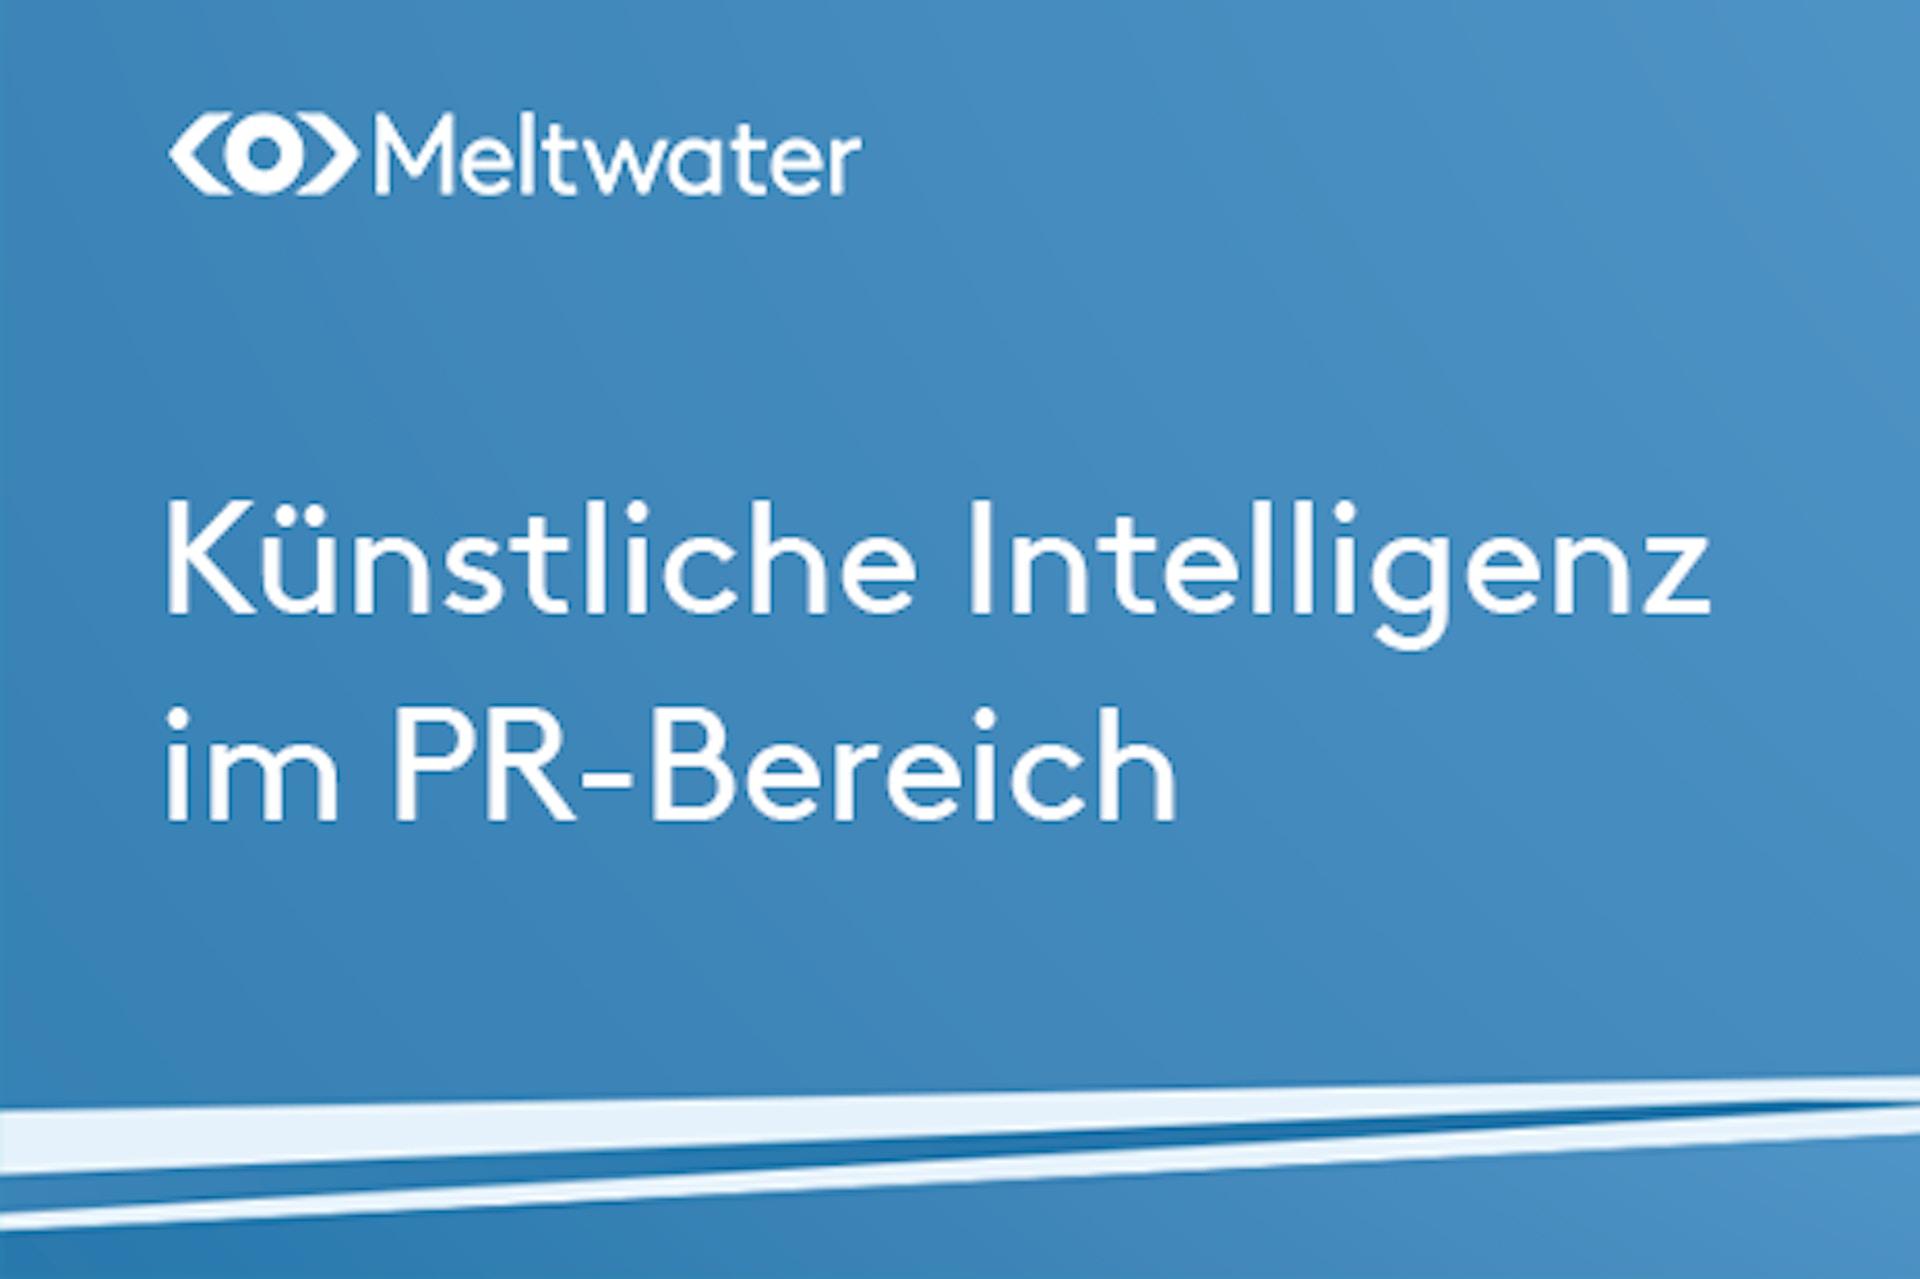 Künstliche Intelligenz im PR-Bereich